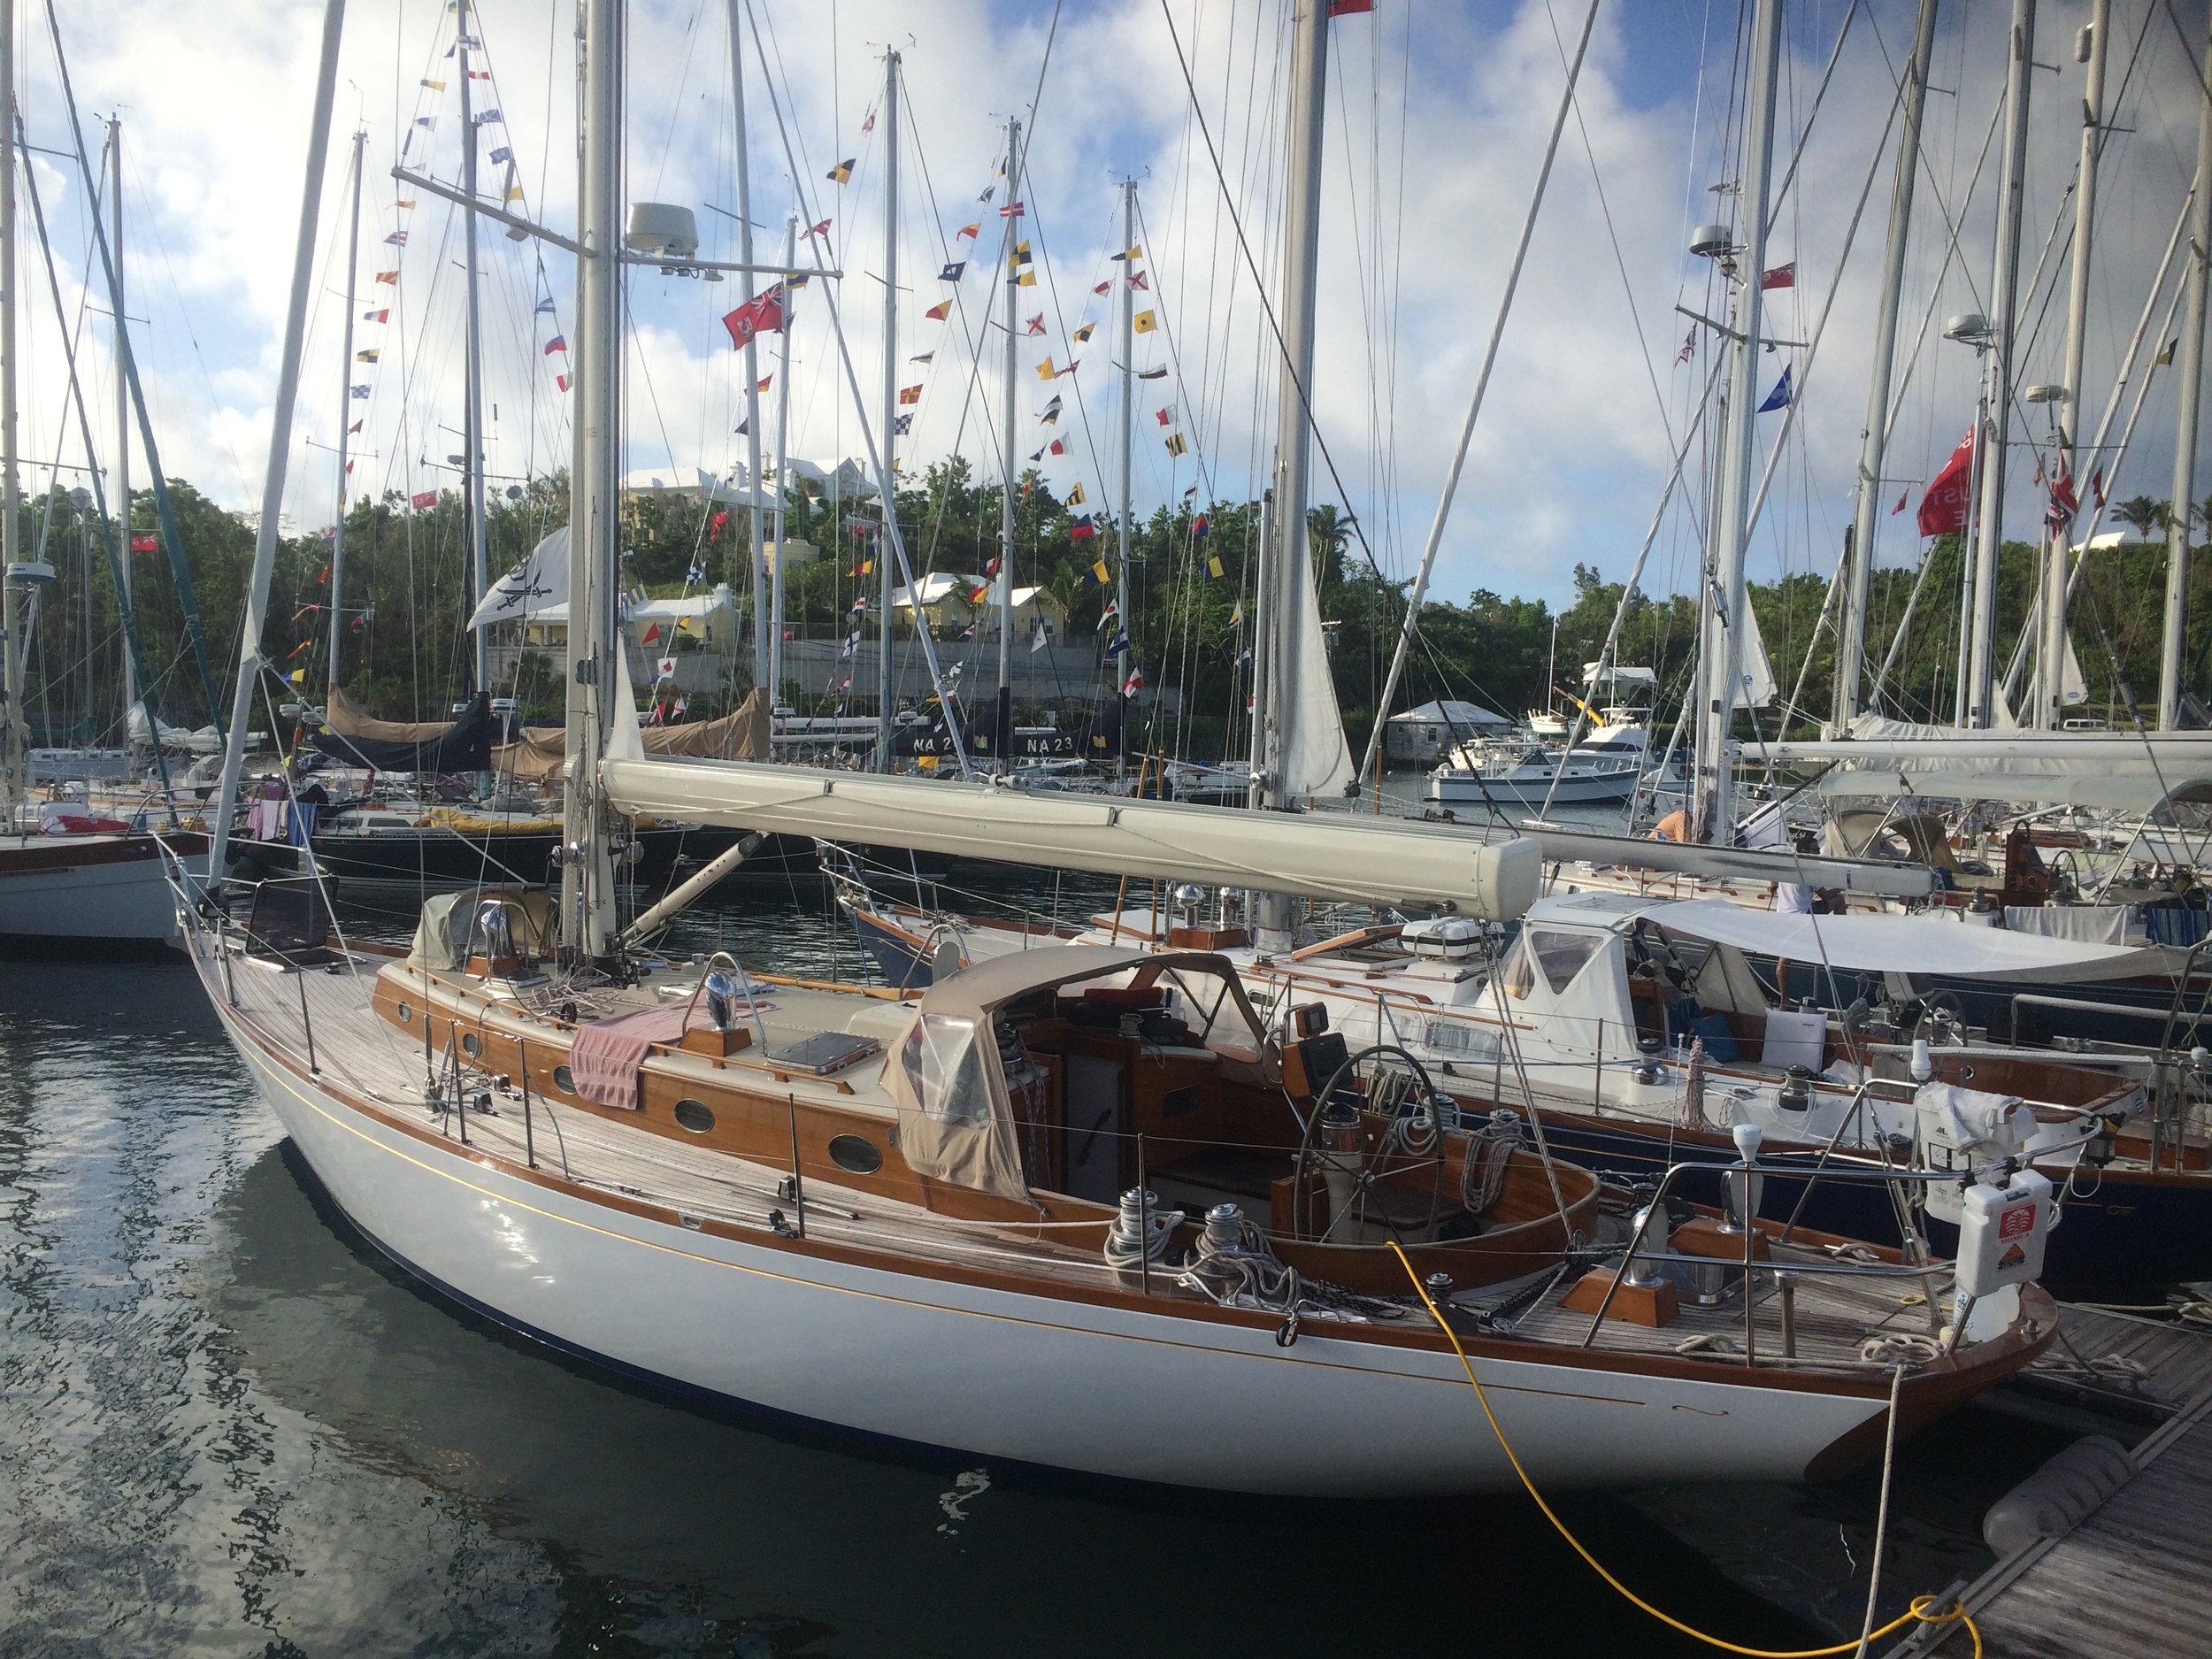 In Bermuda